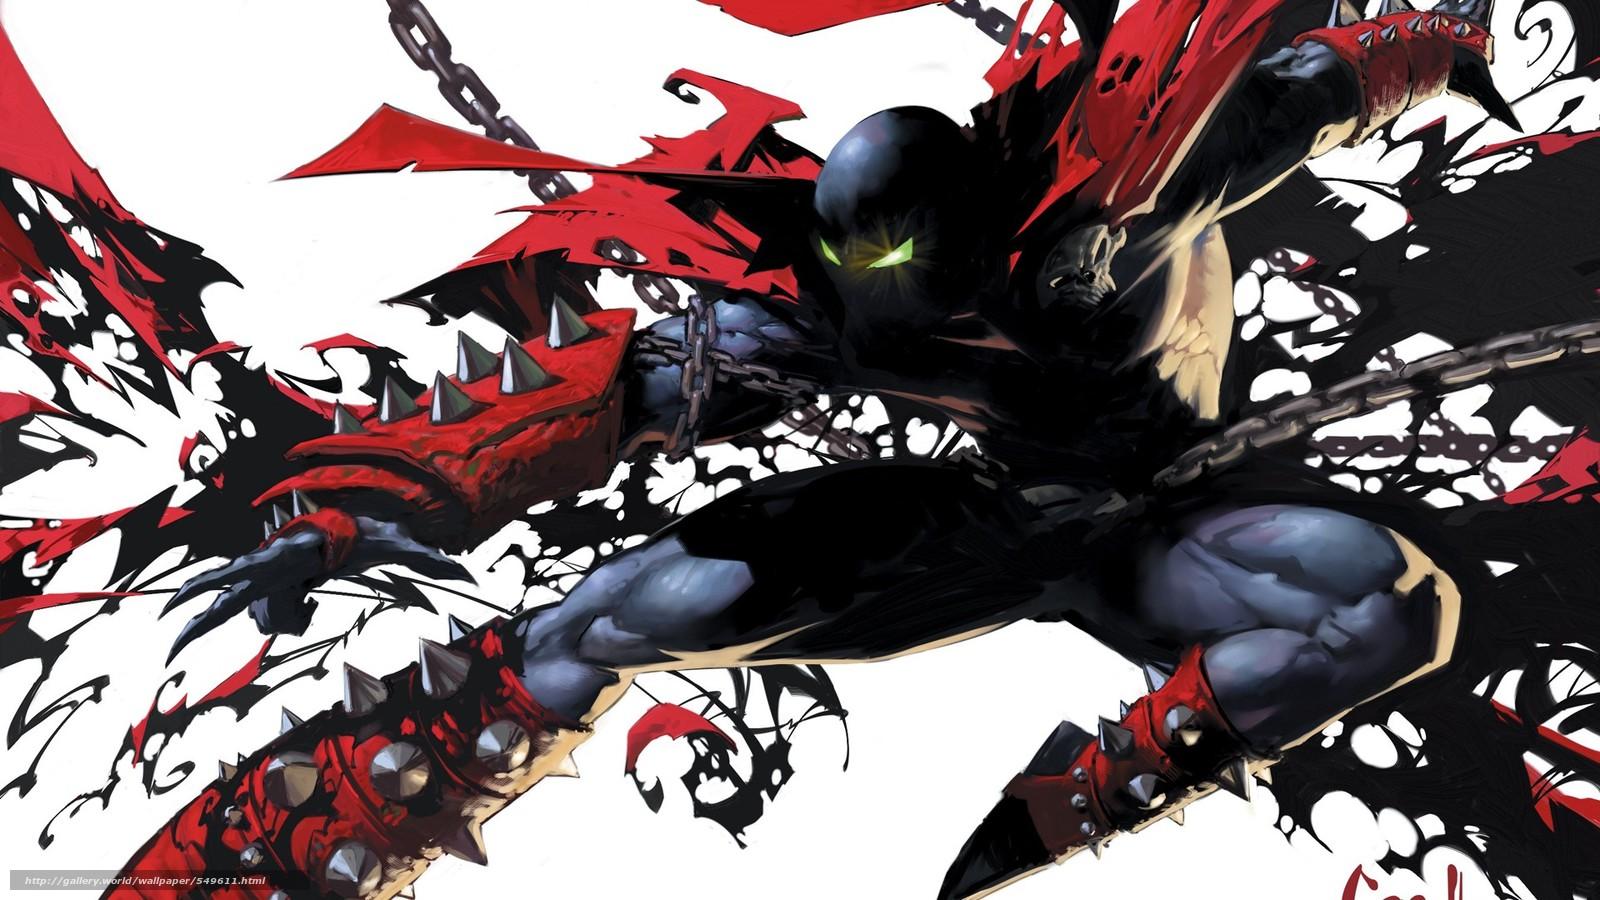 batman wallpaper hd download